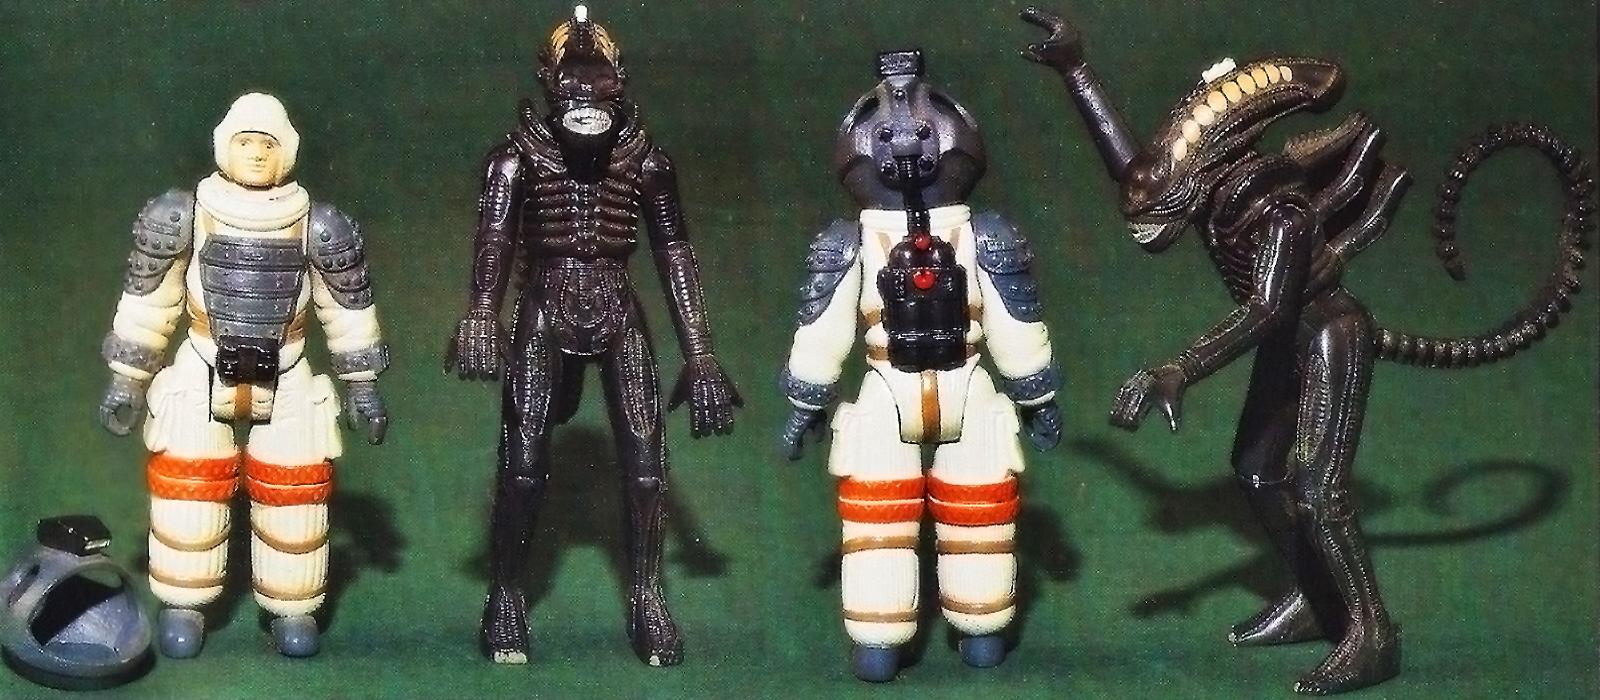 Kane and Alien